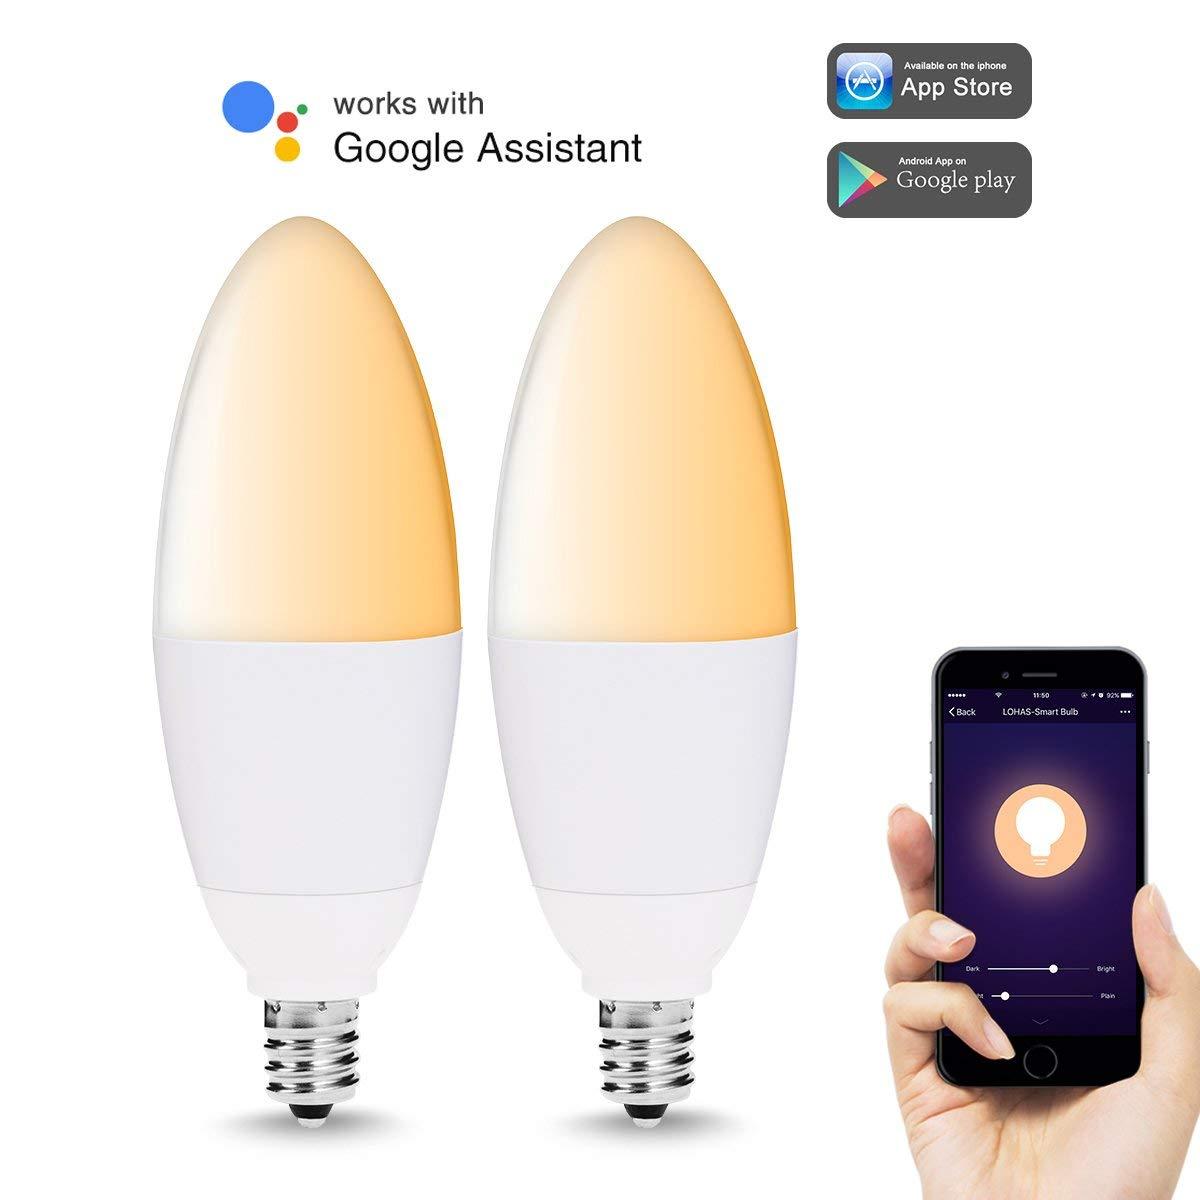 Smart LED Ampoule Dimmable E12 Base Wi-Fi Candélabres, 40 w Équivalent (5 w) lumière Compatible avec Alexa et Google Assistant (2 Pack)